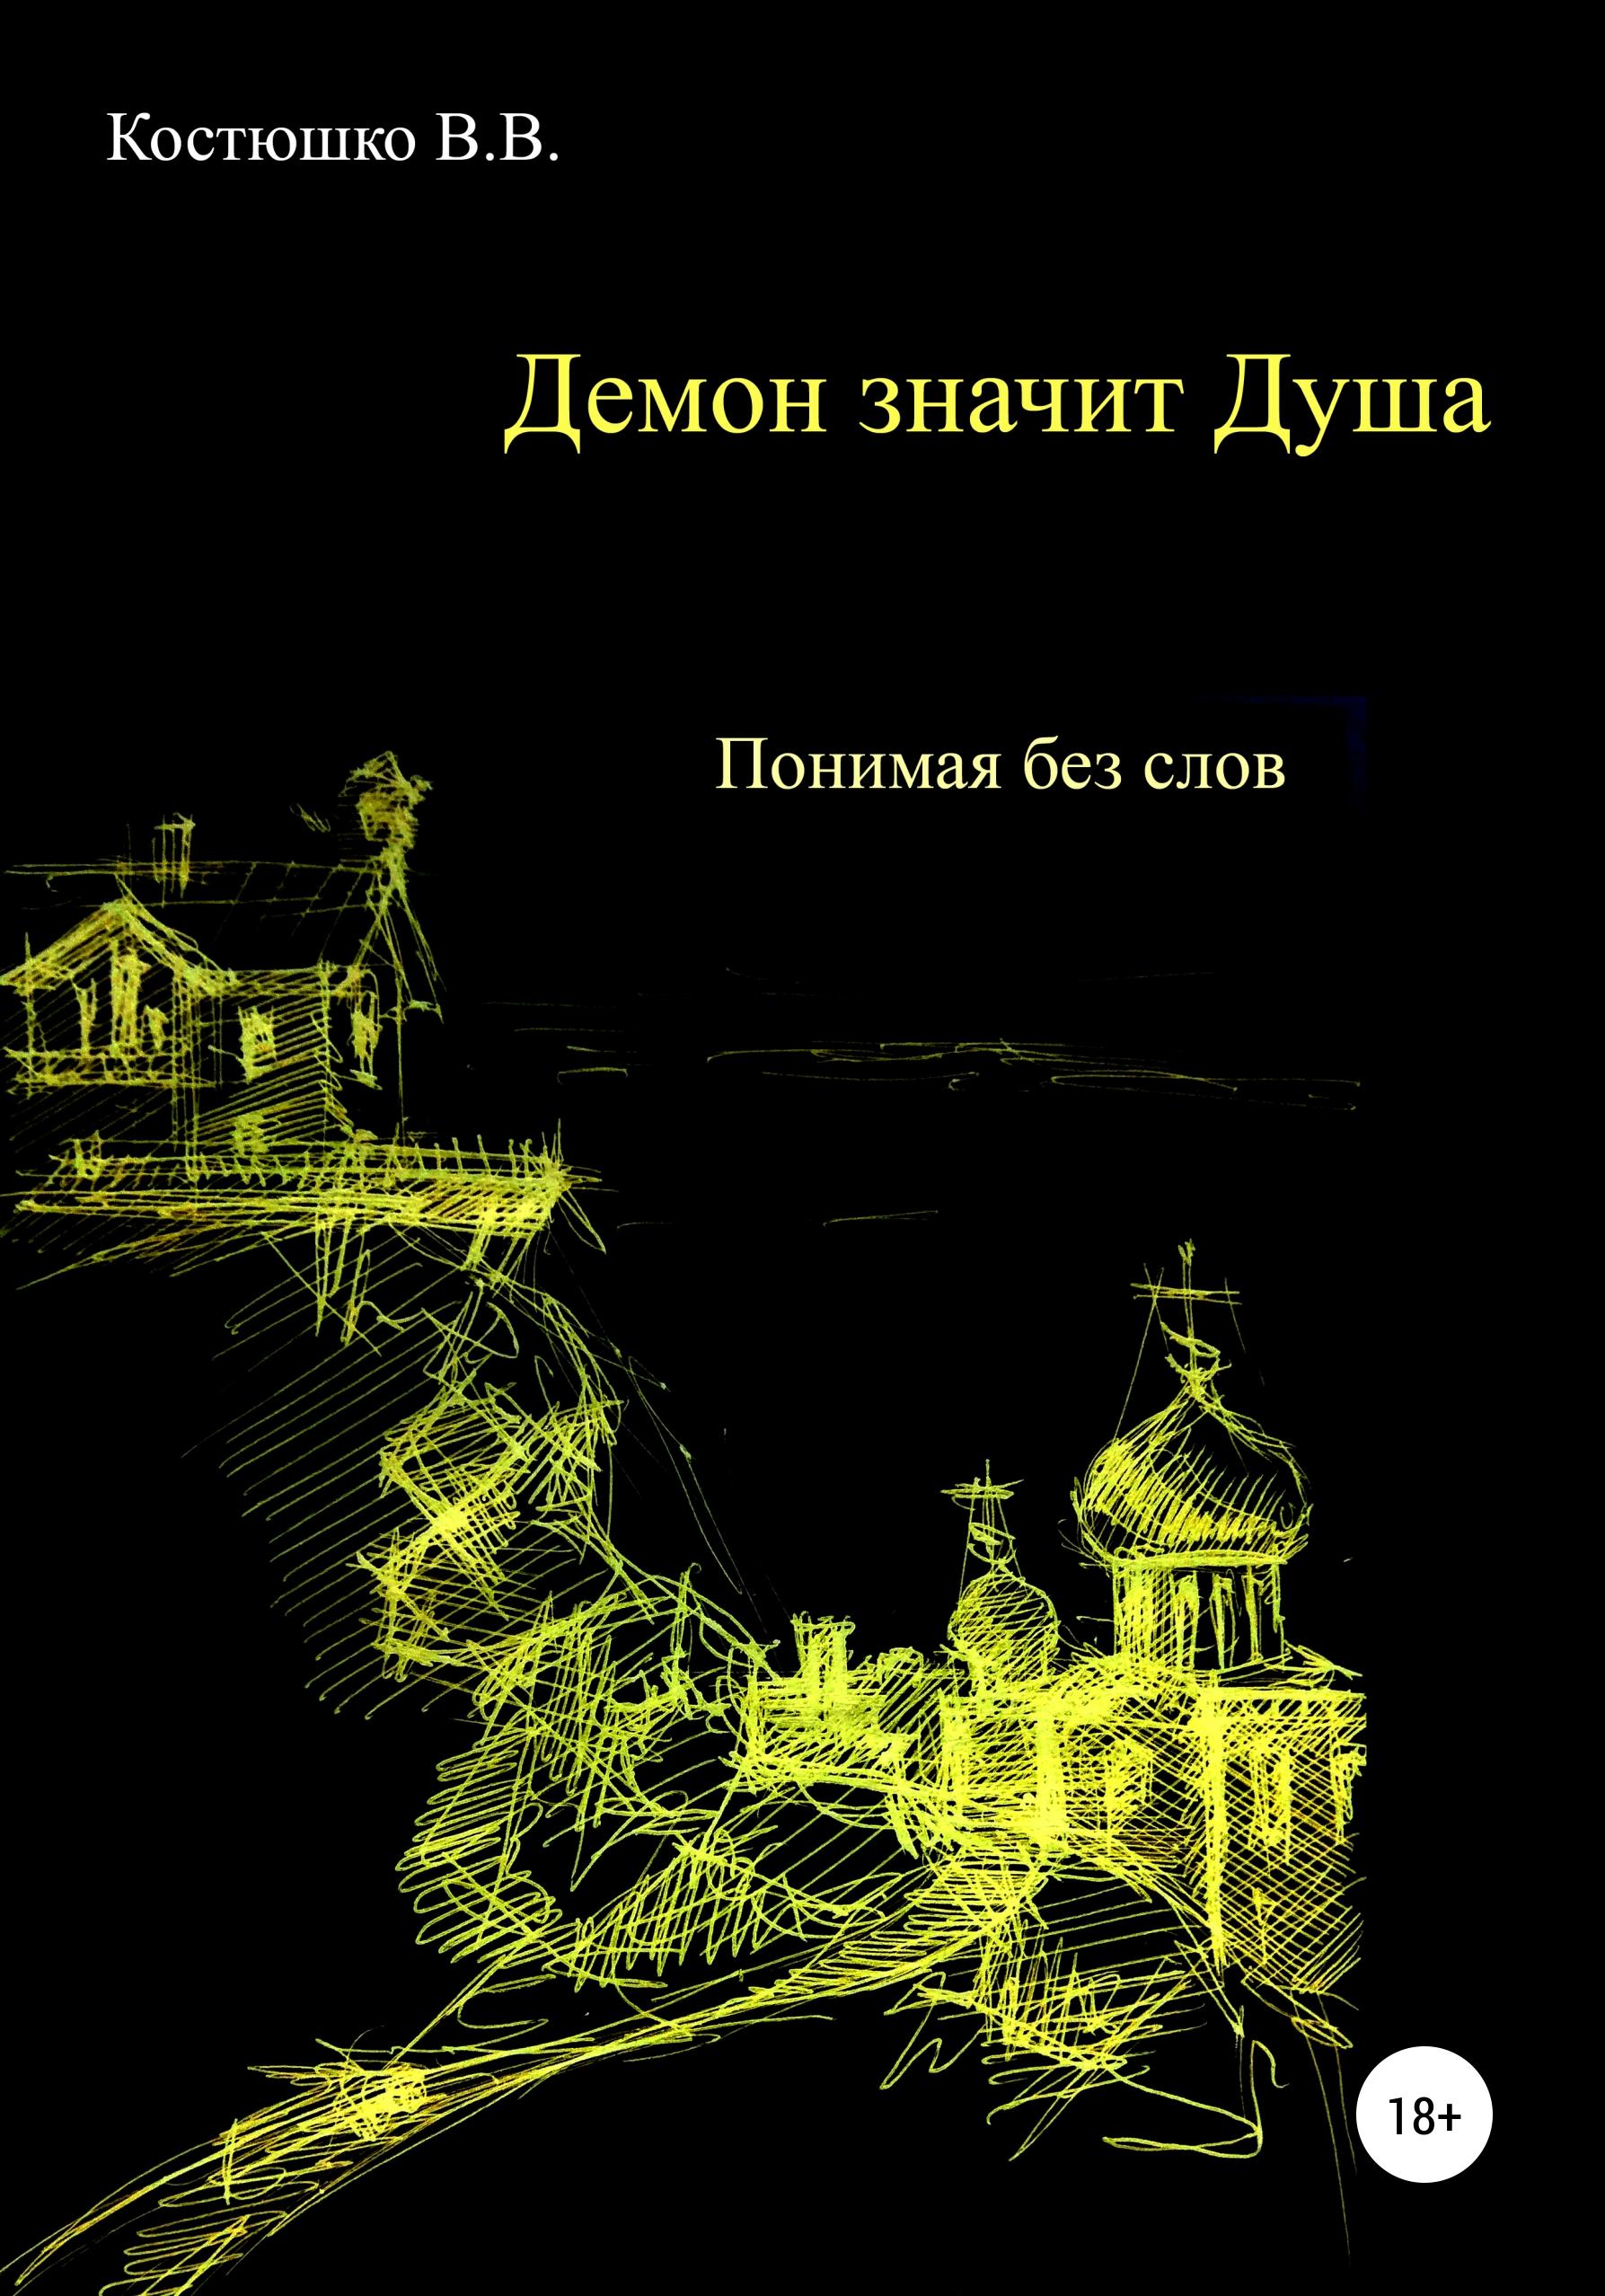 Купить книгу Демон значит Душа. Понимая без слов, автора Владимира Вячеславовича Костюшко